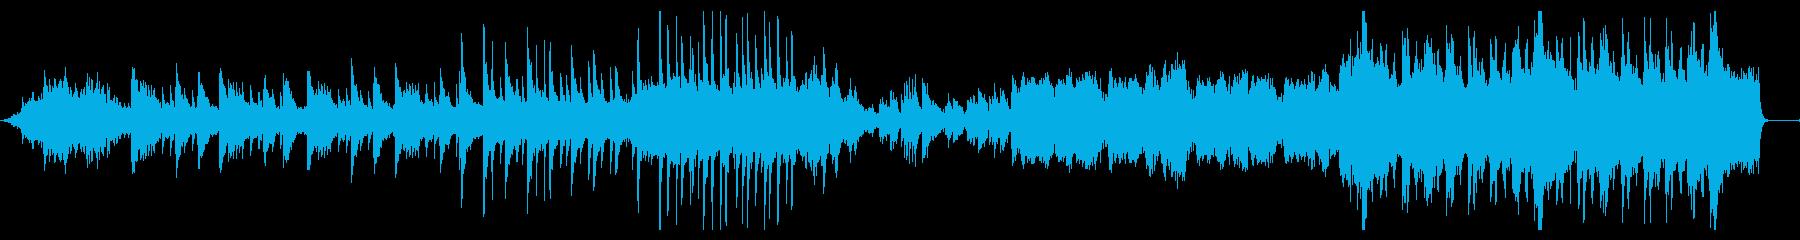 逆境に立ち向かう場面のピアノオーケストラの再生済みの波形